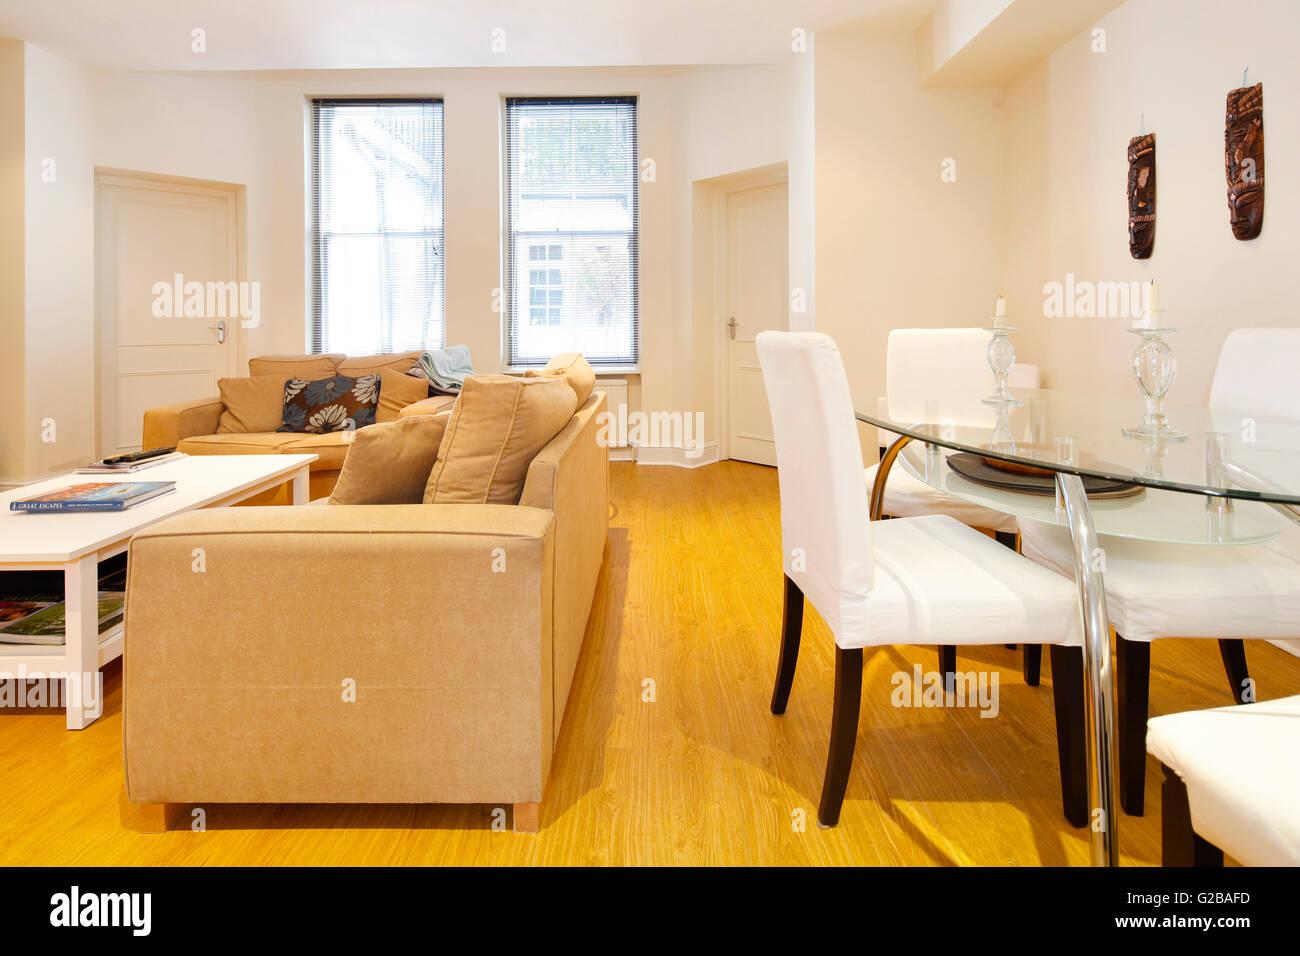 cheap harrington grten offene wohn esszimmer mit holzfuboden und groen fenstern moderne mbel with wohn und esszimmer mbel